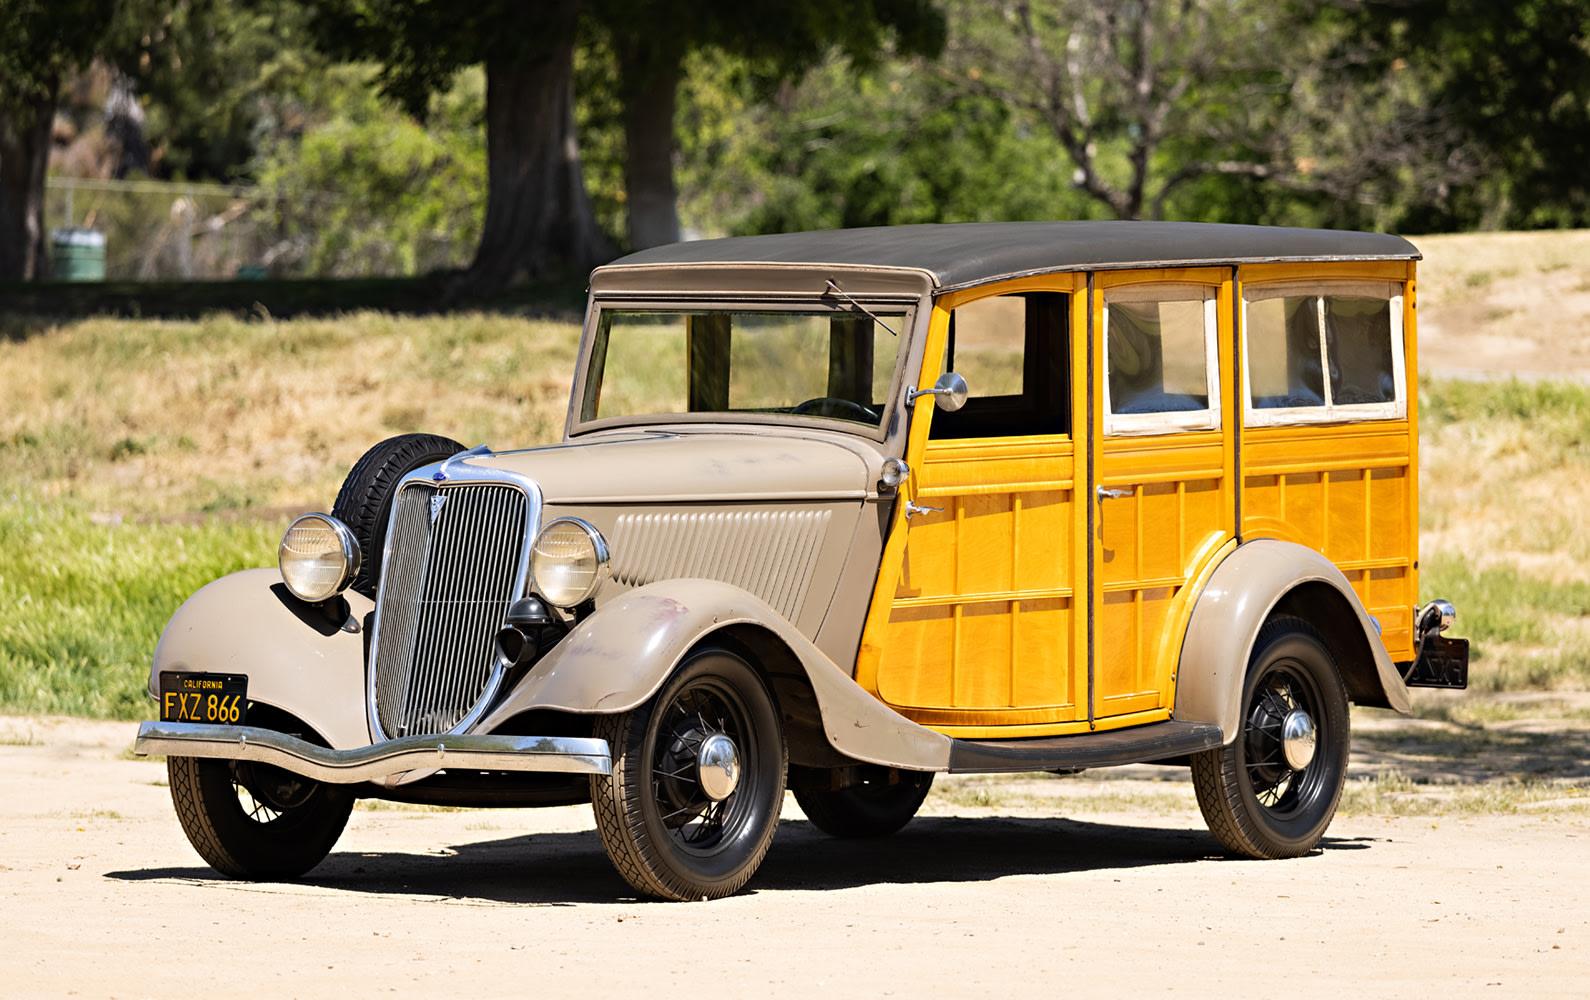 Prod/O21F - May 2021/1519_1934 Ford V8 Station Wagon/1934_Ford_V8_Station_Wagon_10_ybdpzj